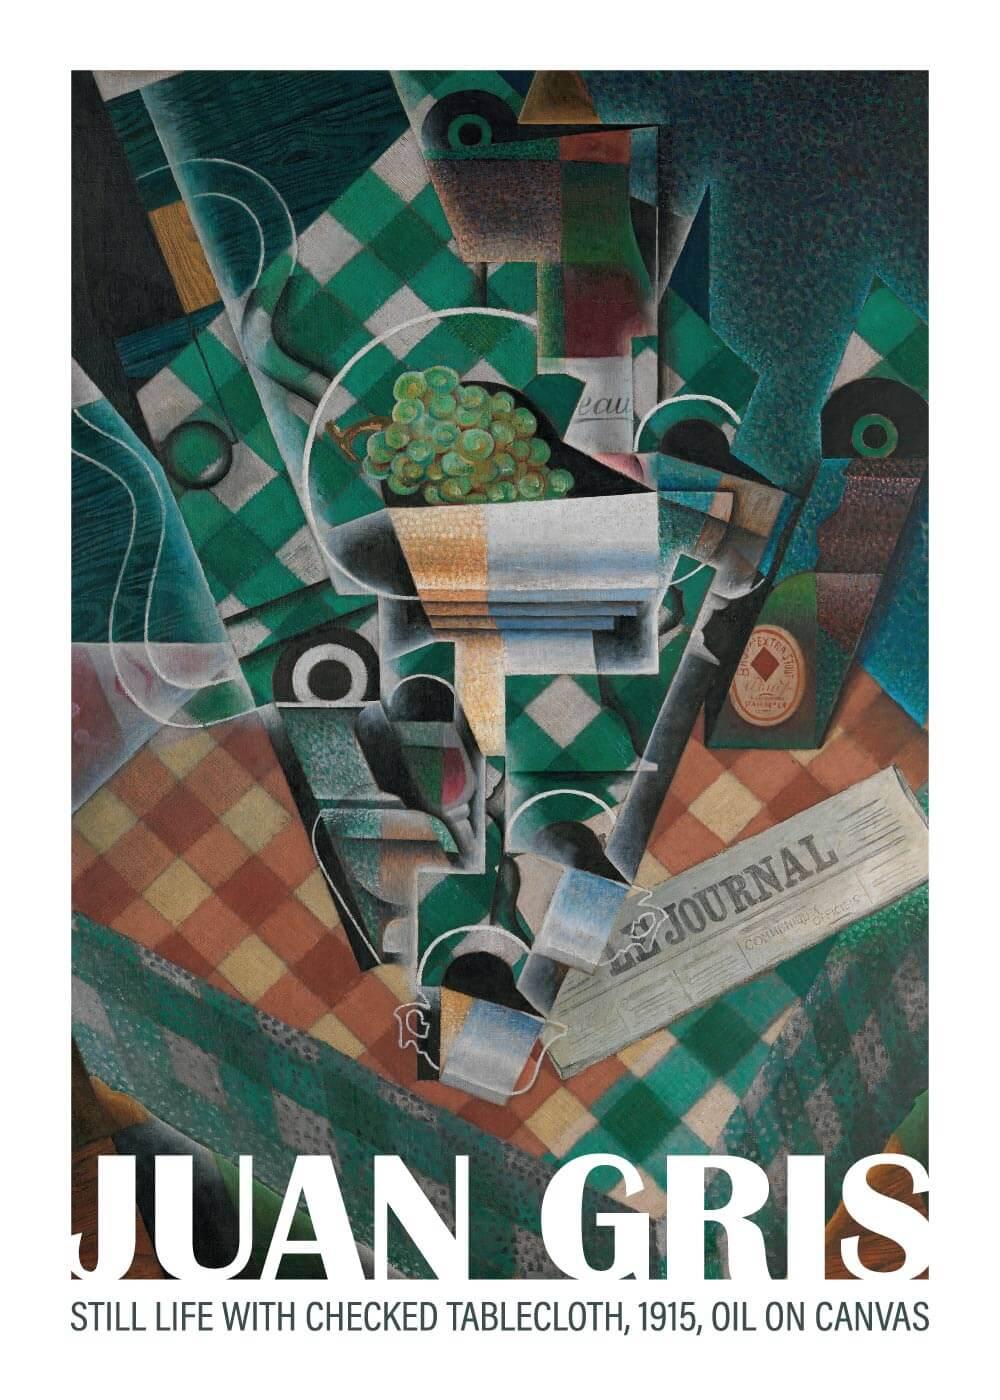 Billede af Still life with checked tablecloth - Juan Gris kunstplakat